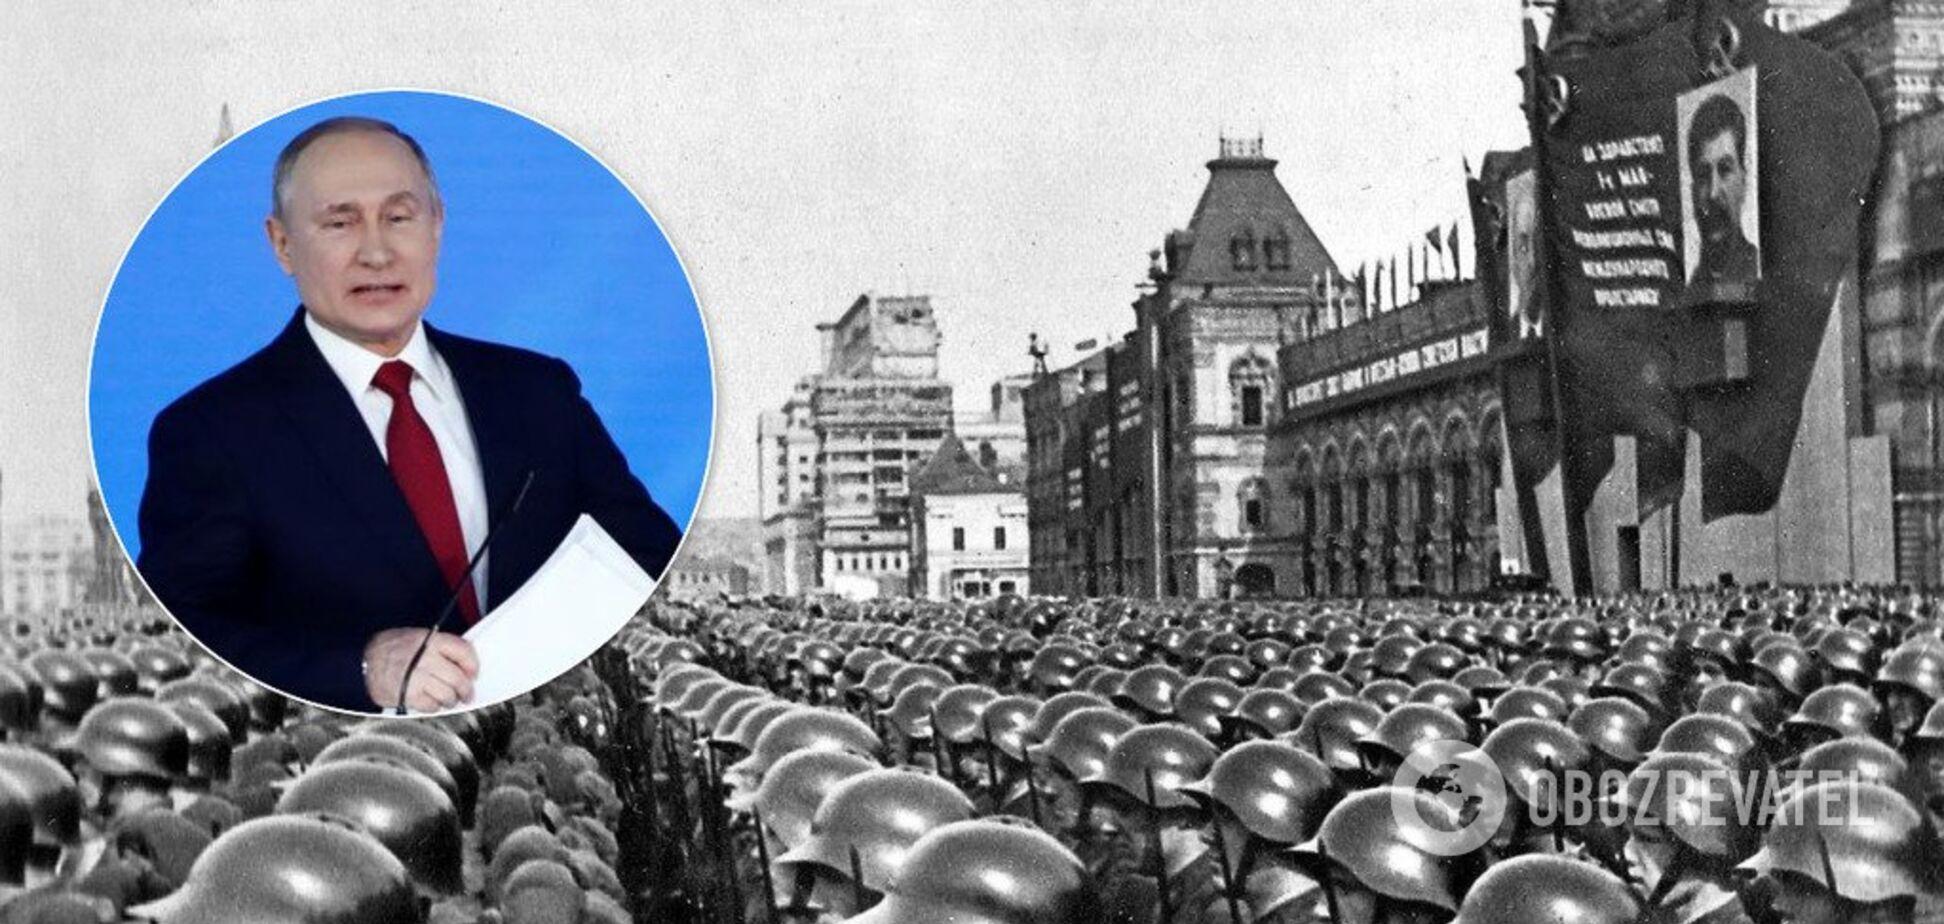 'Гітлер воював на радянській нафті': історик викрив історичний міф Путіна